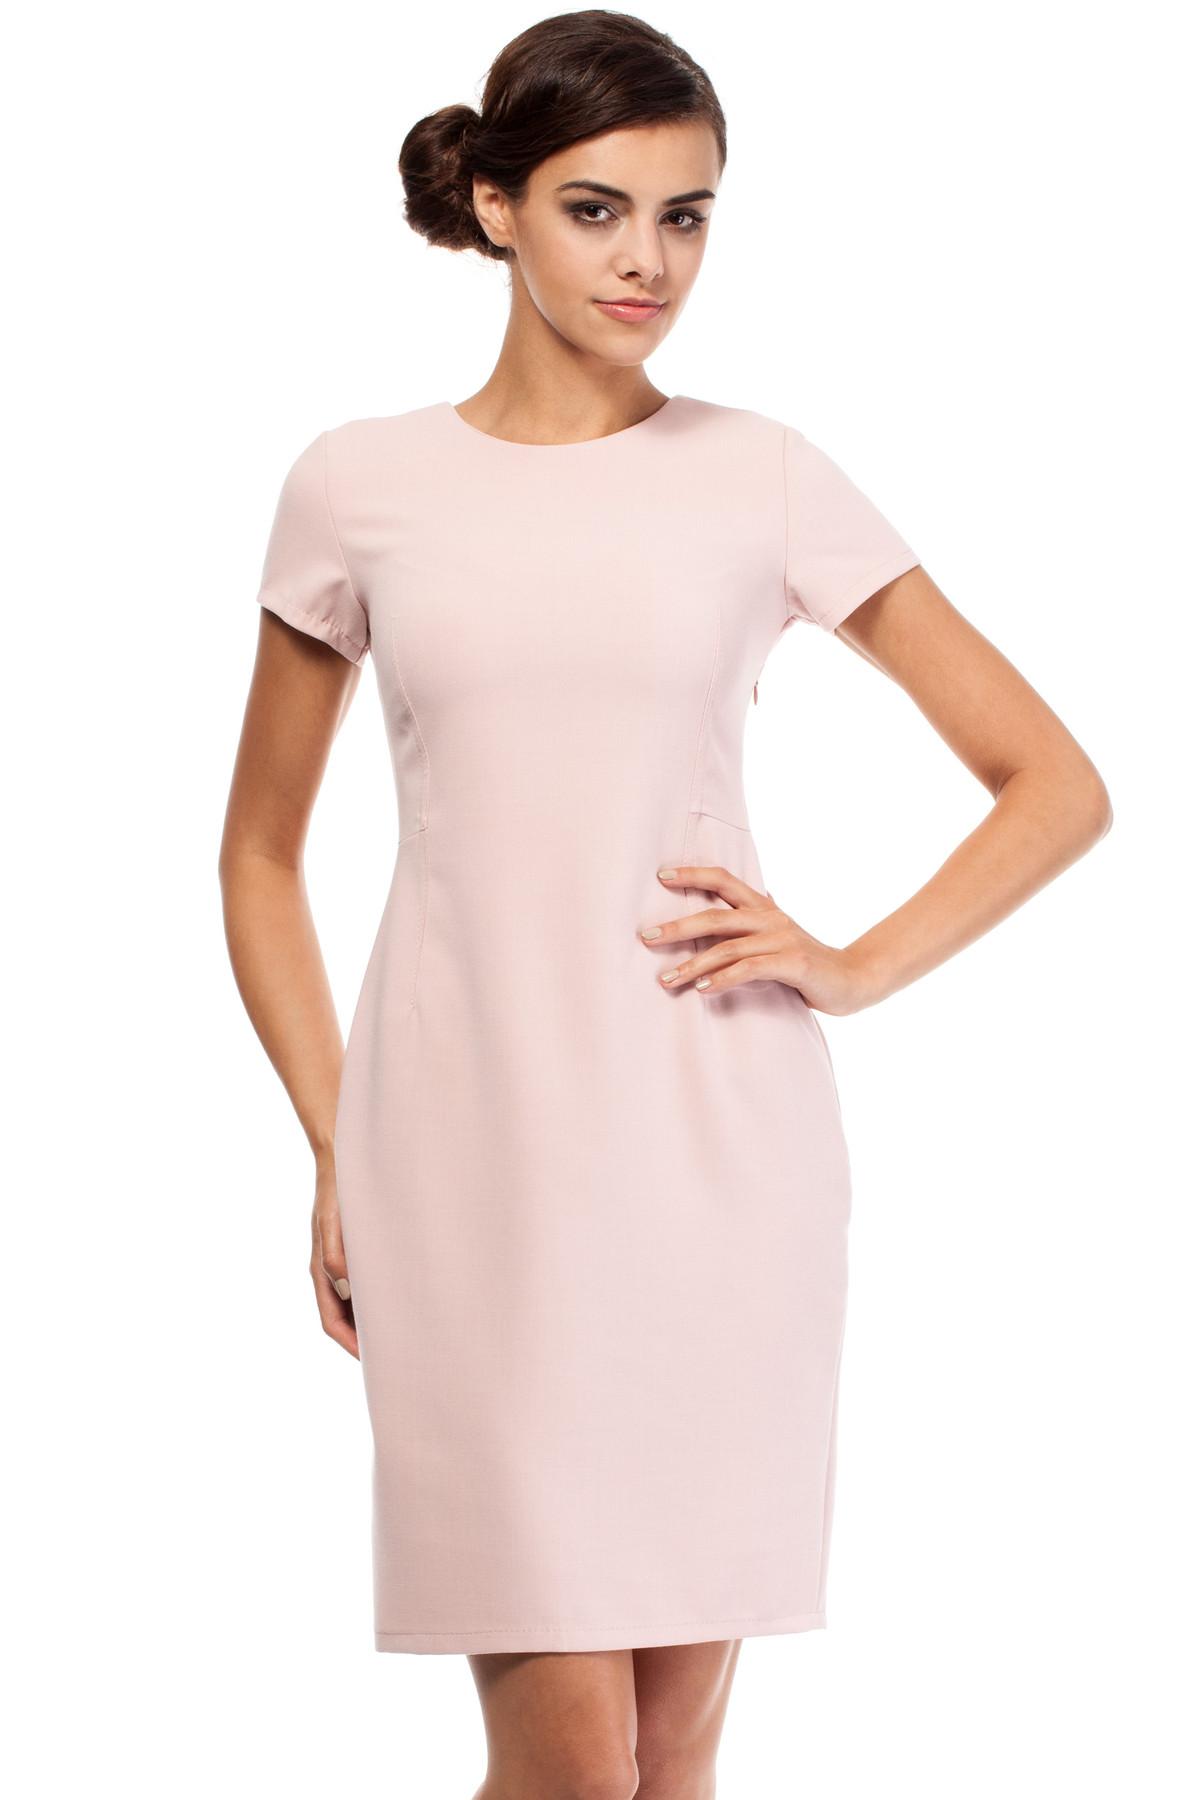 Clea Cocktailkleid klassisches Kleid musterlos kurze Ärmel Damen ...